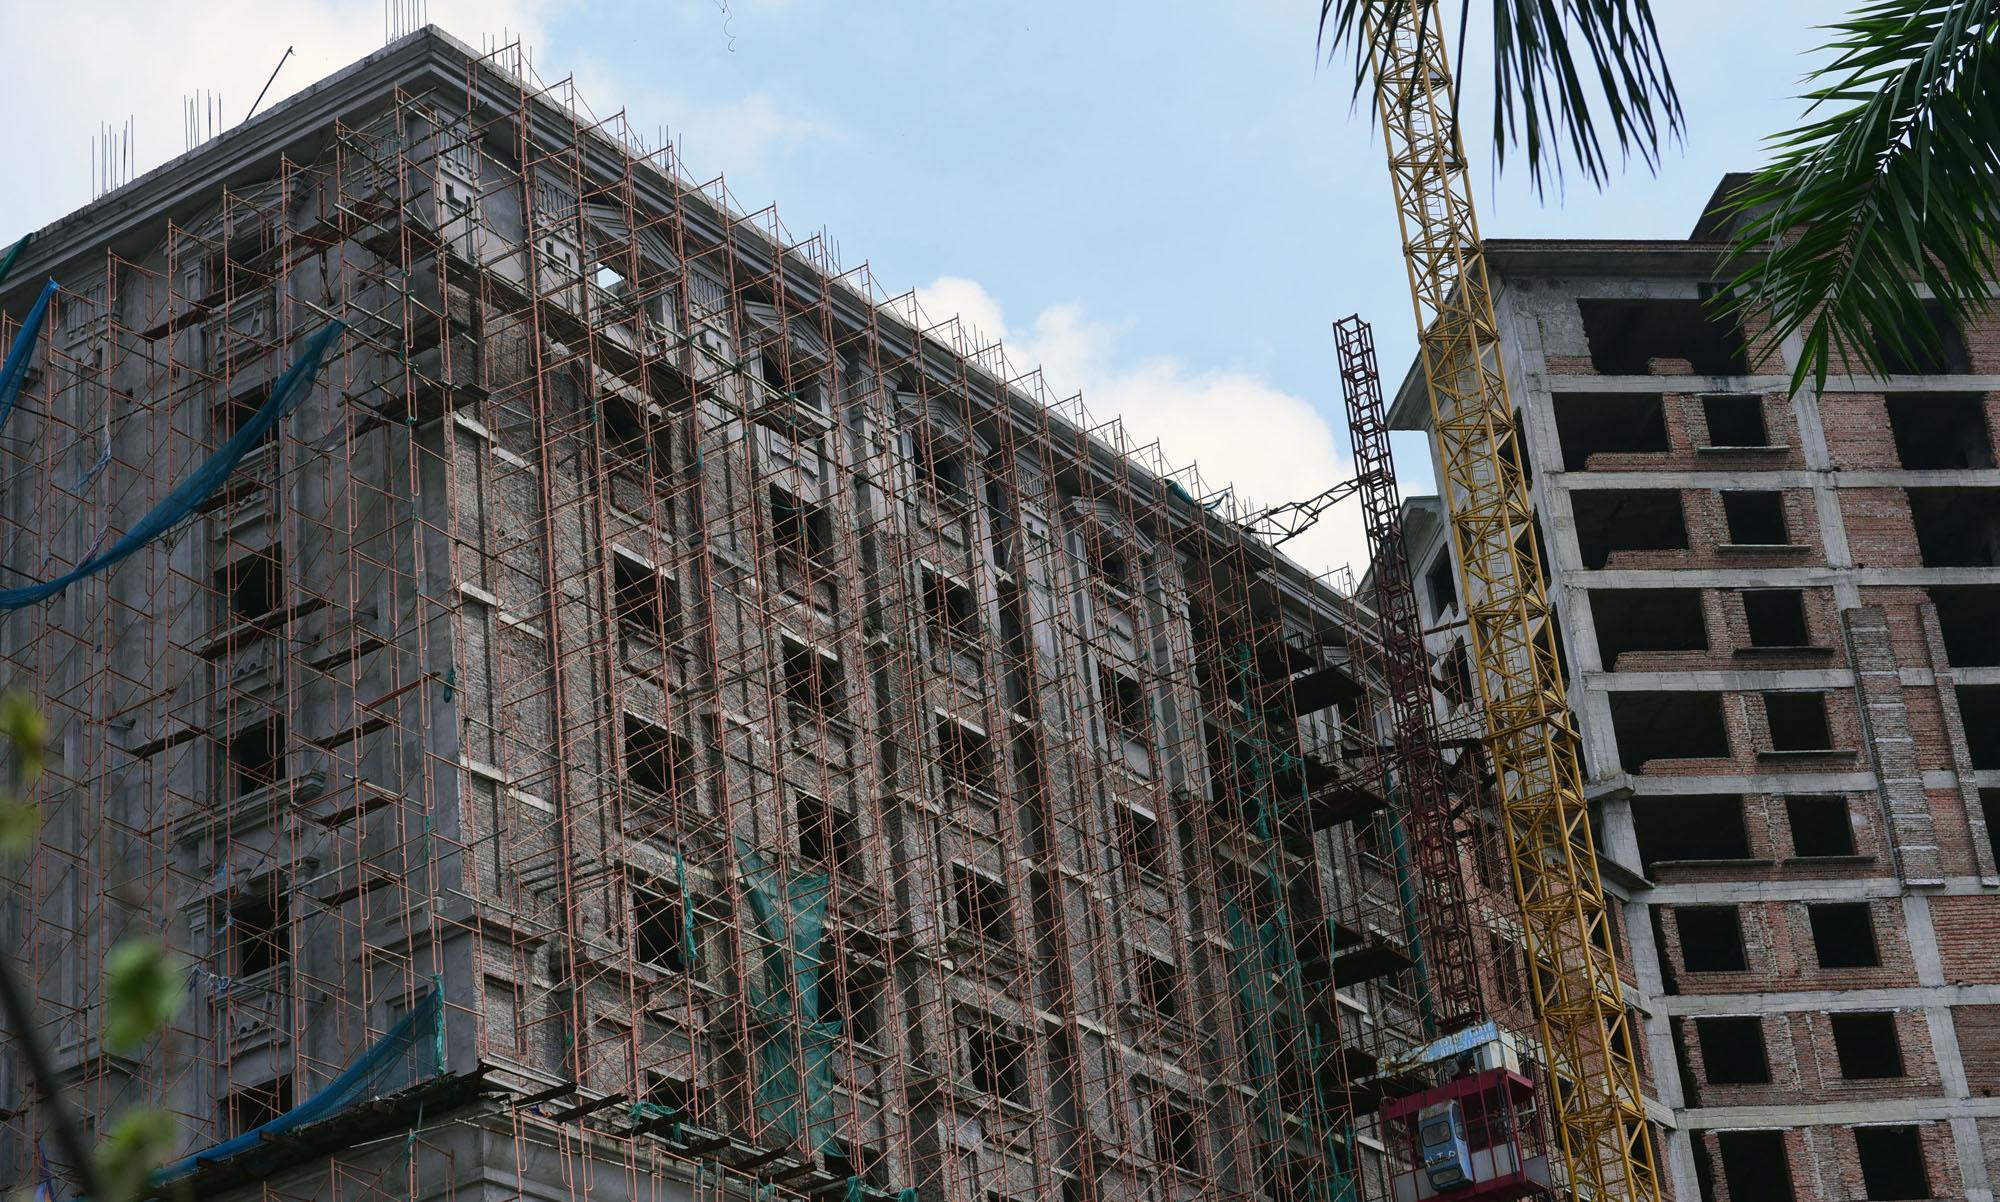 Dự án TTTM Hongkong London trên 'đất vàng' Từ Sơn, Bắc Ninh bỏ hoang nhiều năm - Ảnh 18.